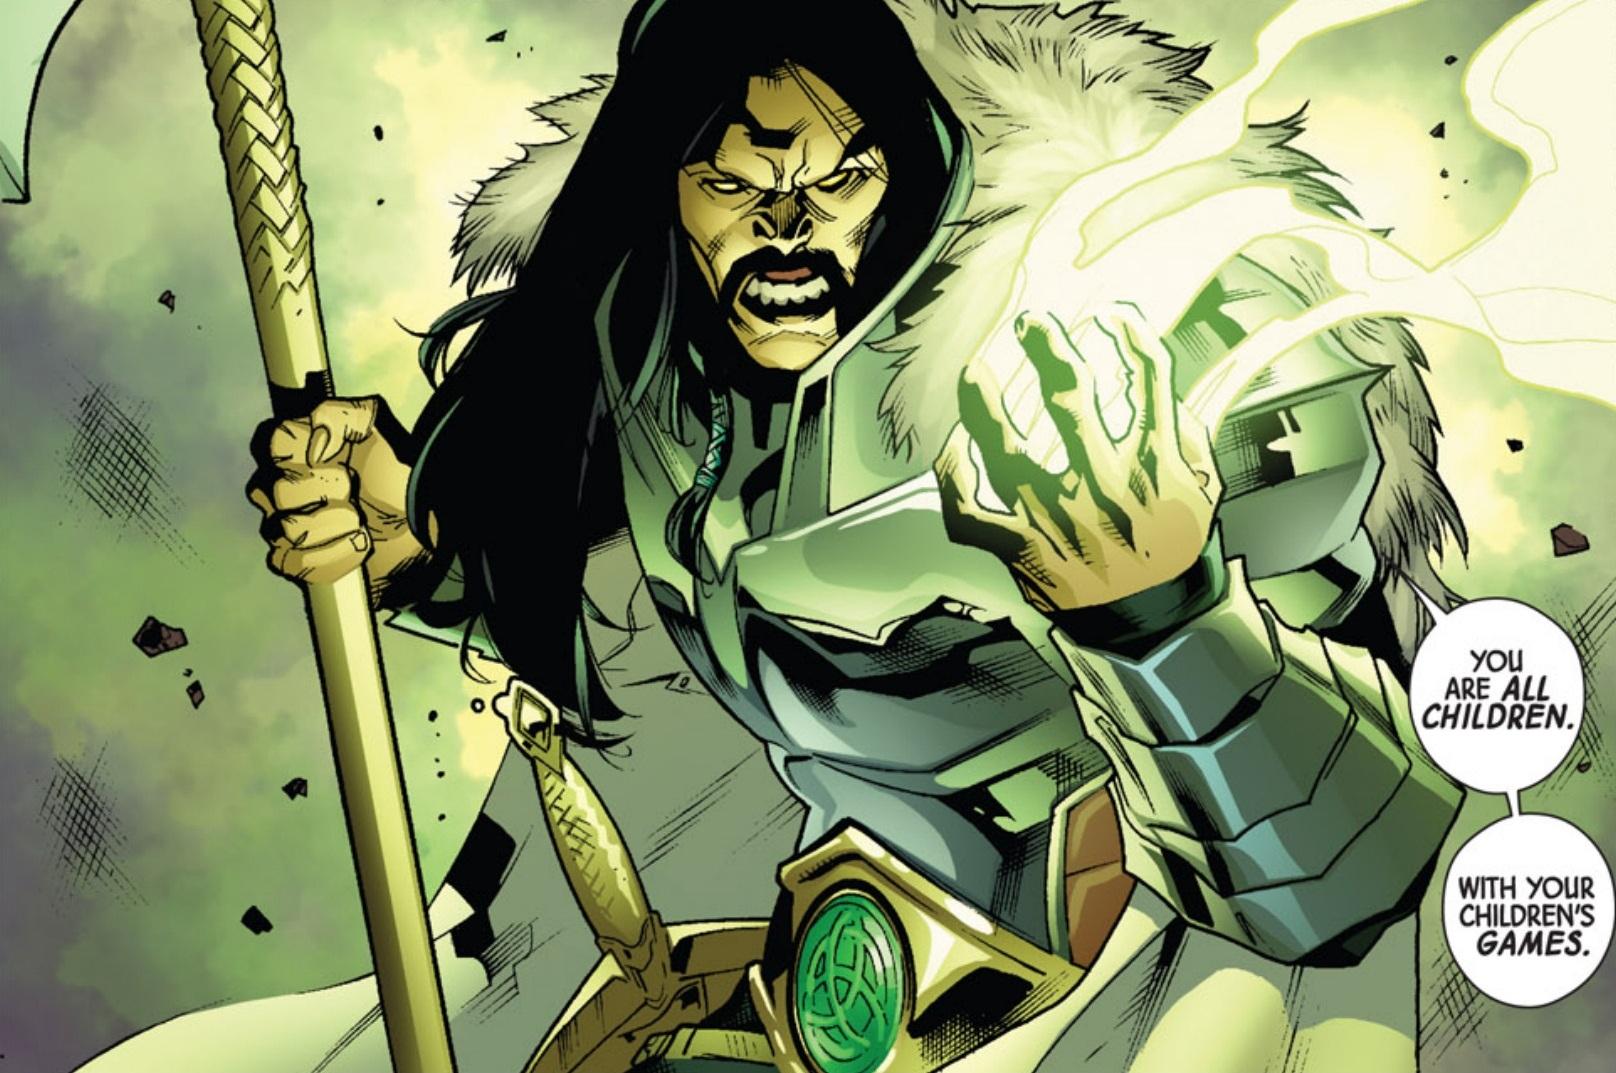 Marvel suýt giới thiệu một phản diện nữa của Thor trong Avengers: Infinity War - Hình 4